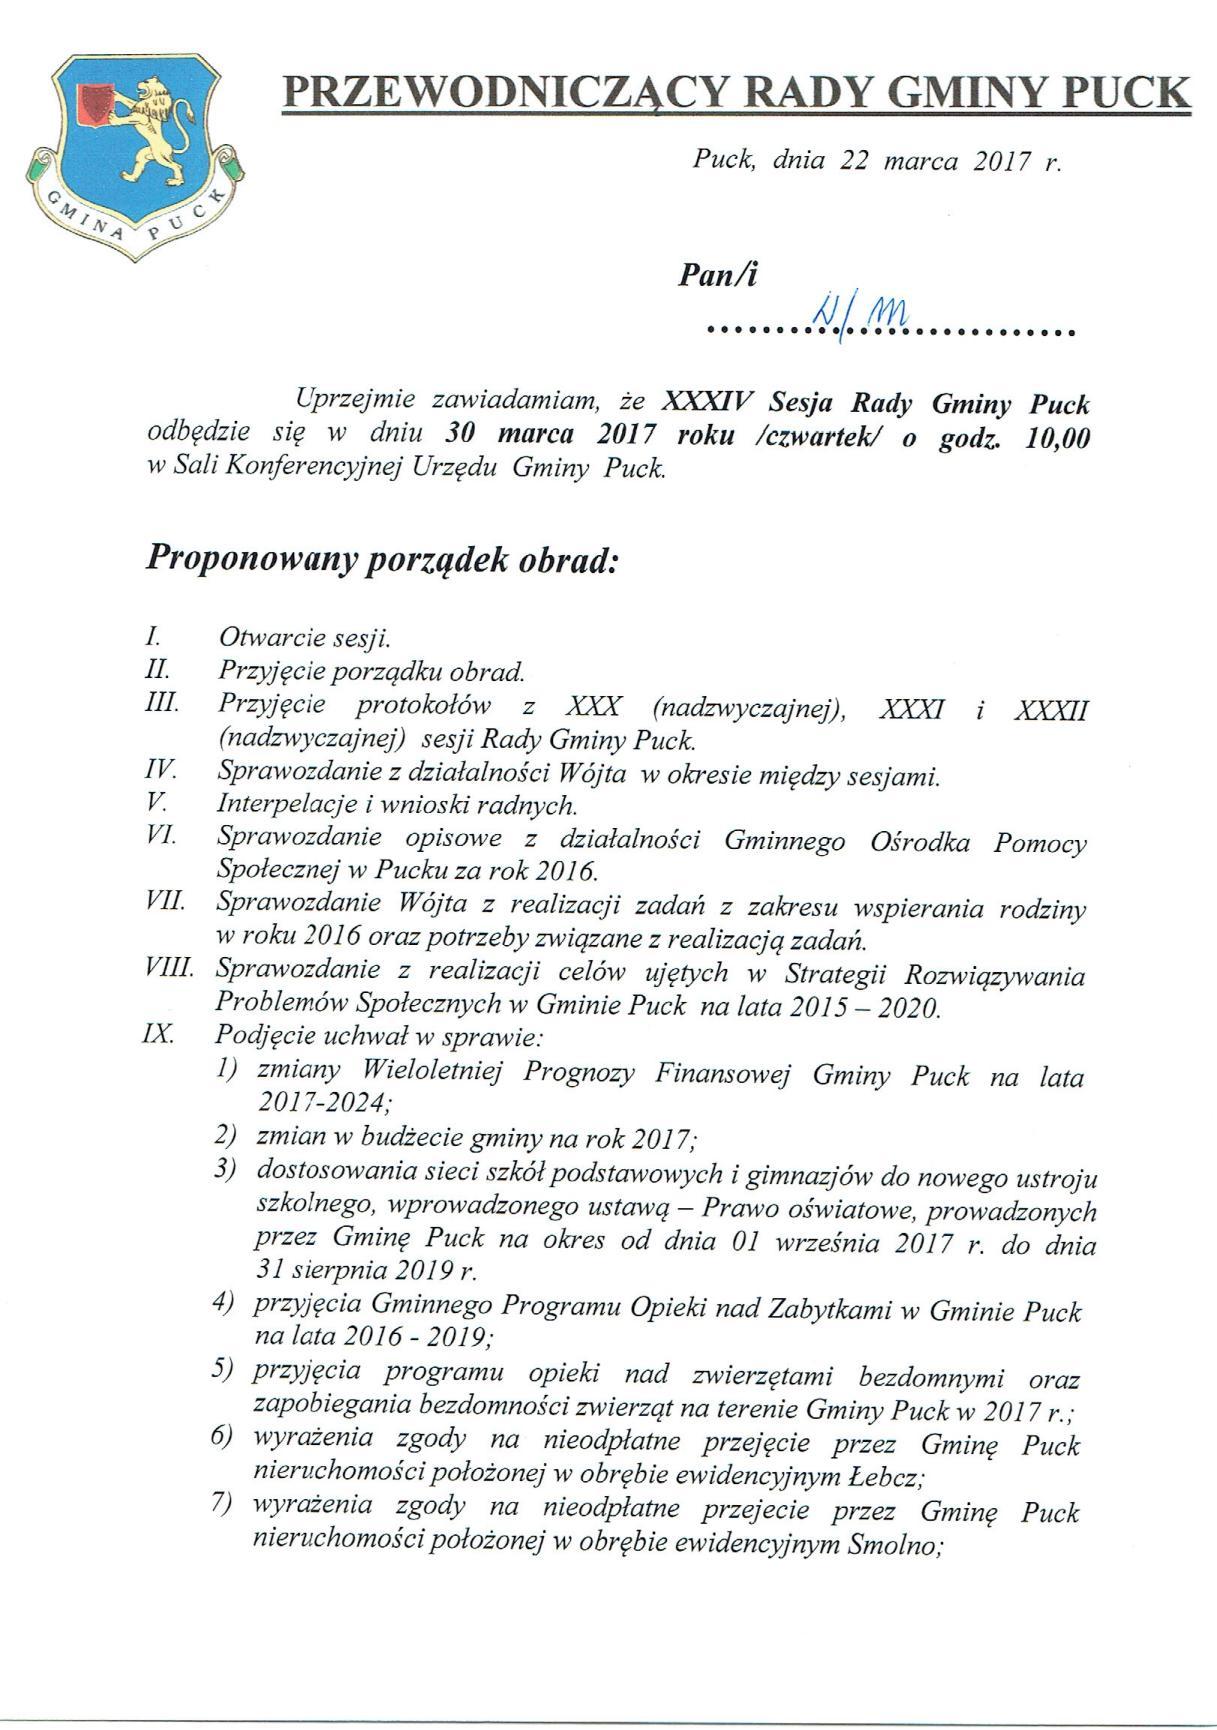 Proponowany porządek obrad XXXIV sesji Rady Gminy Puck - dnia 30 marca 2017 roku_01